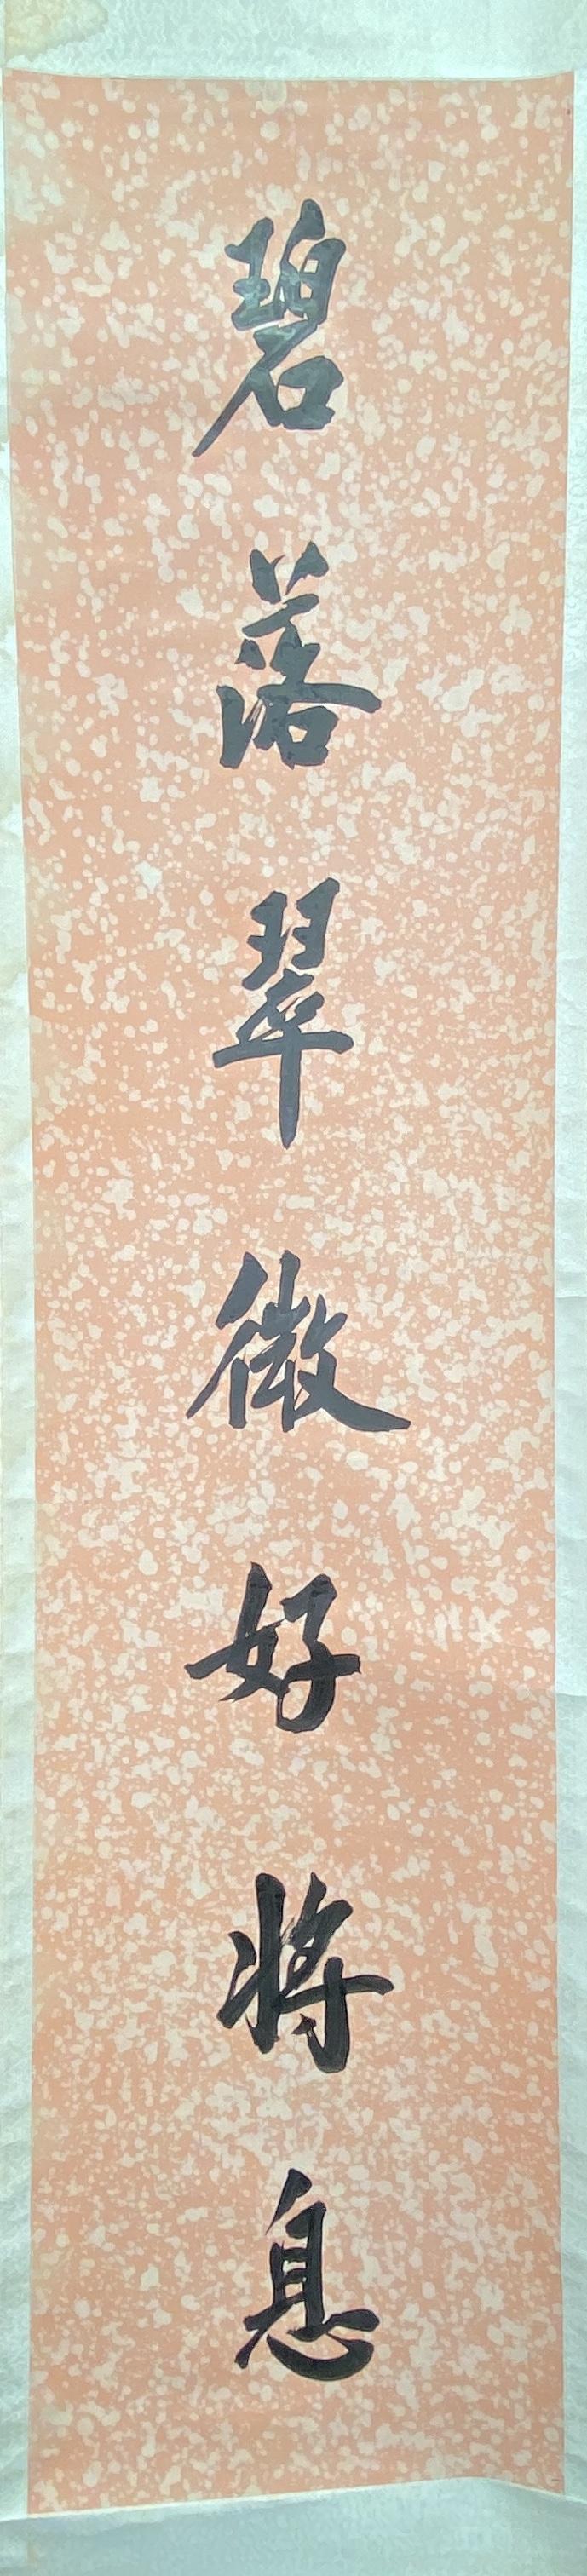 20685「陳寶琛」七言 聯171×39cm